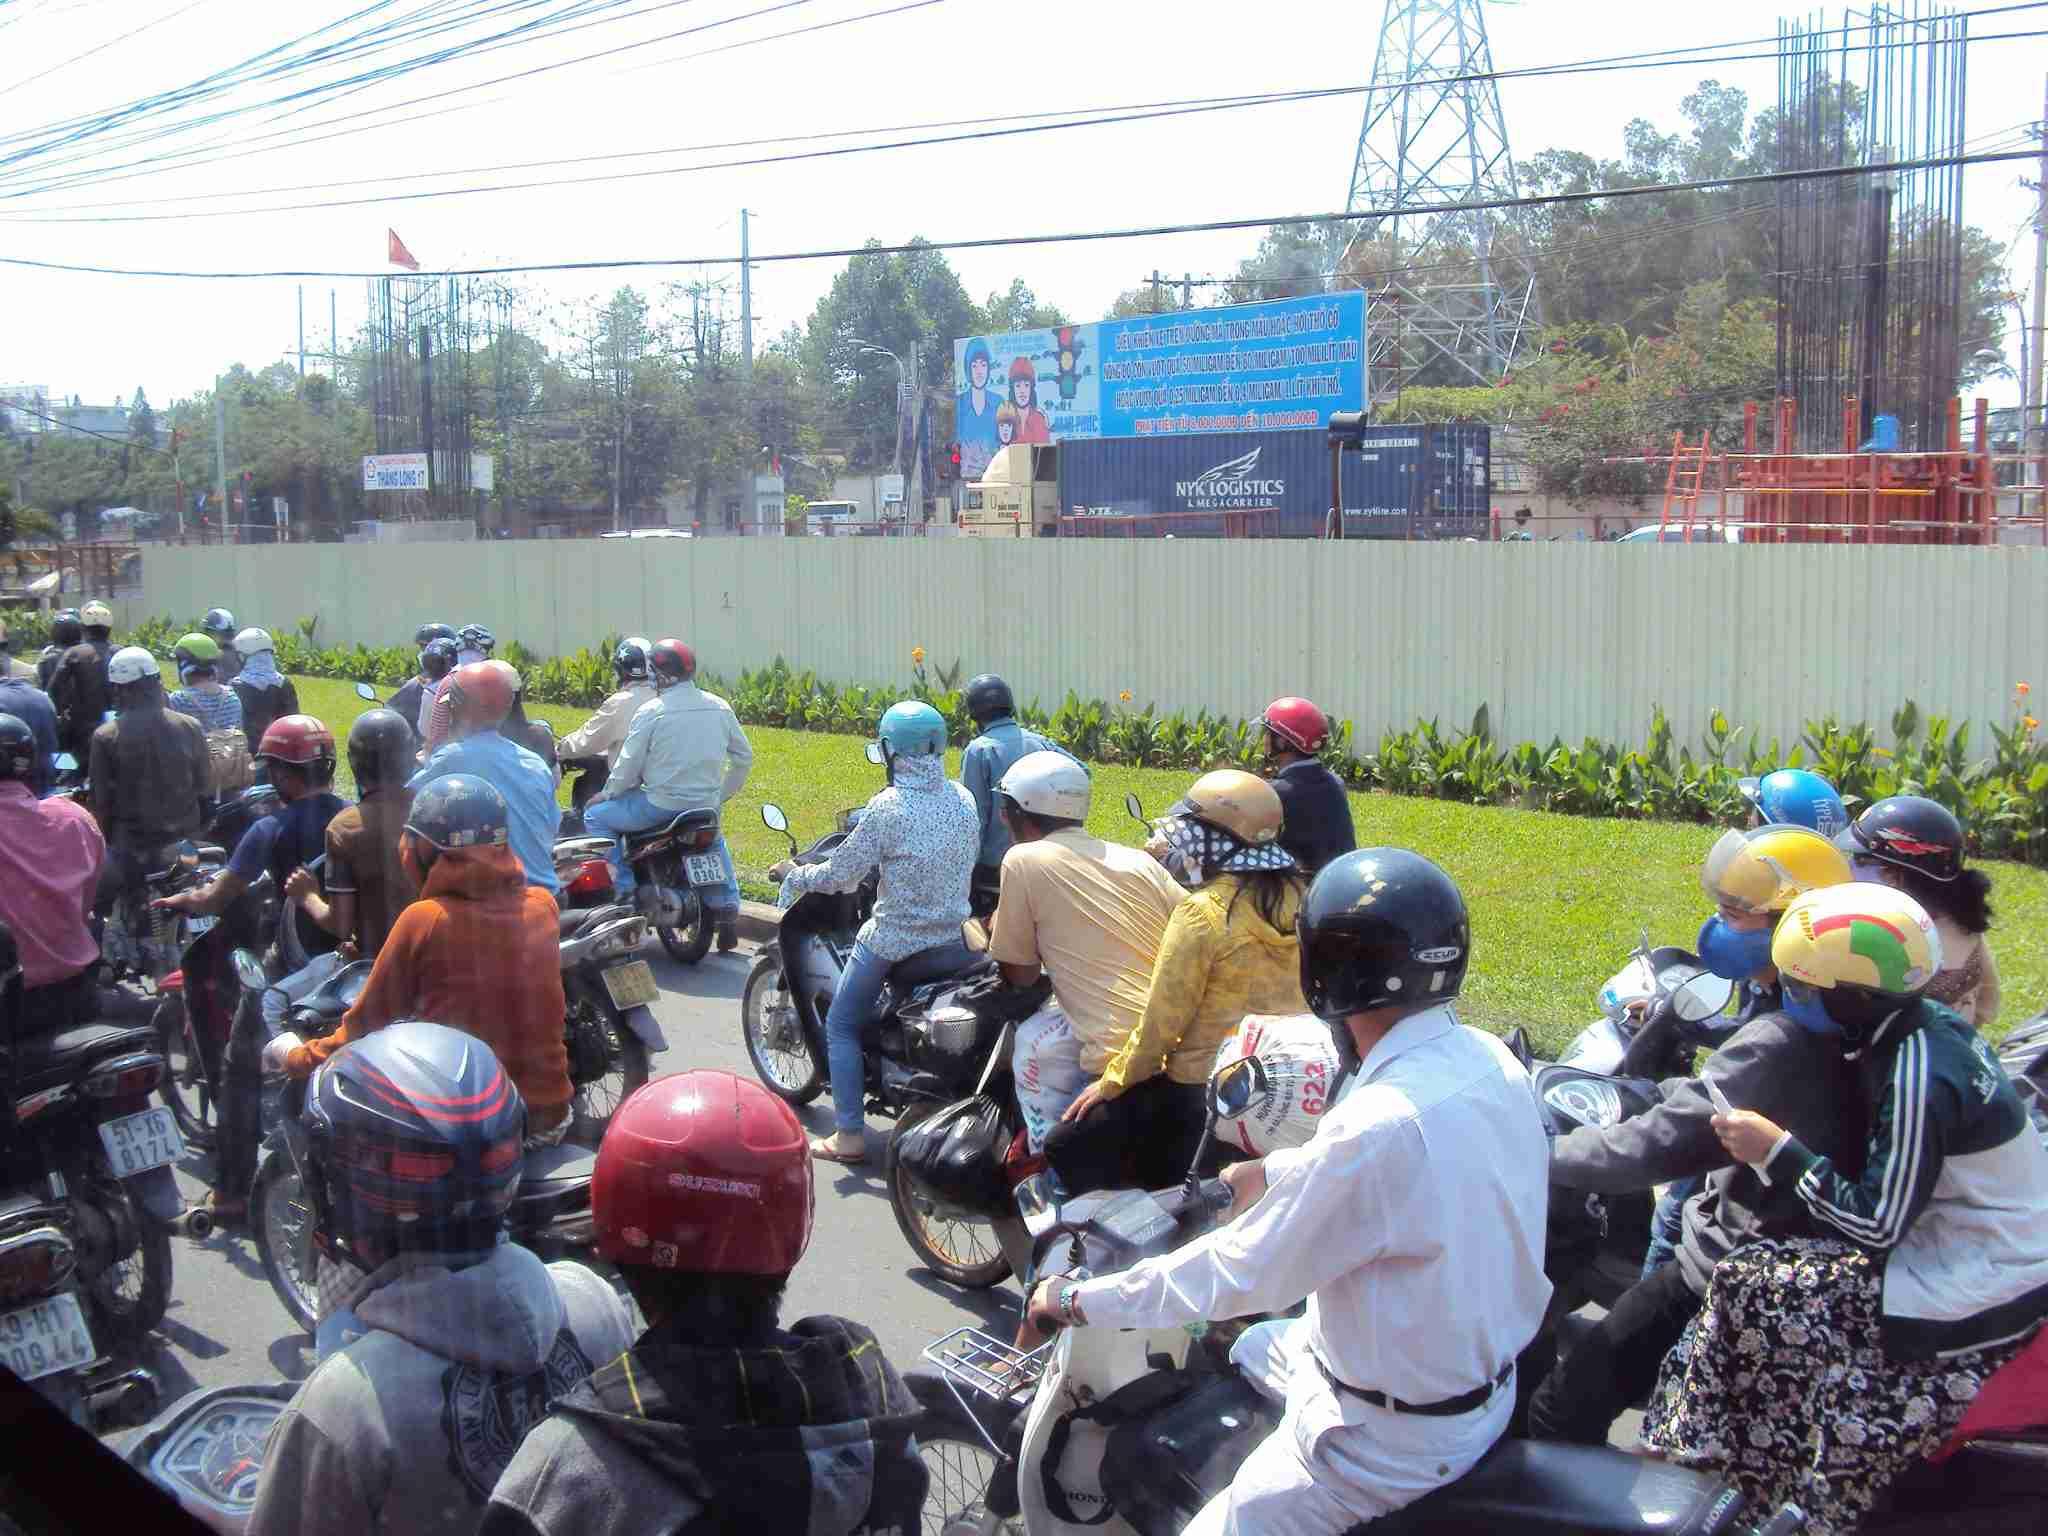 Saigon - the daily madness